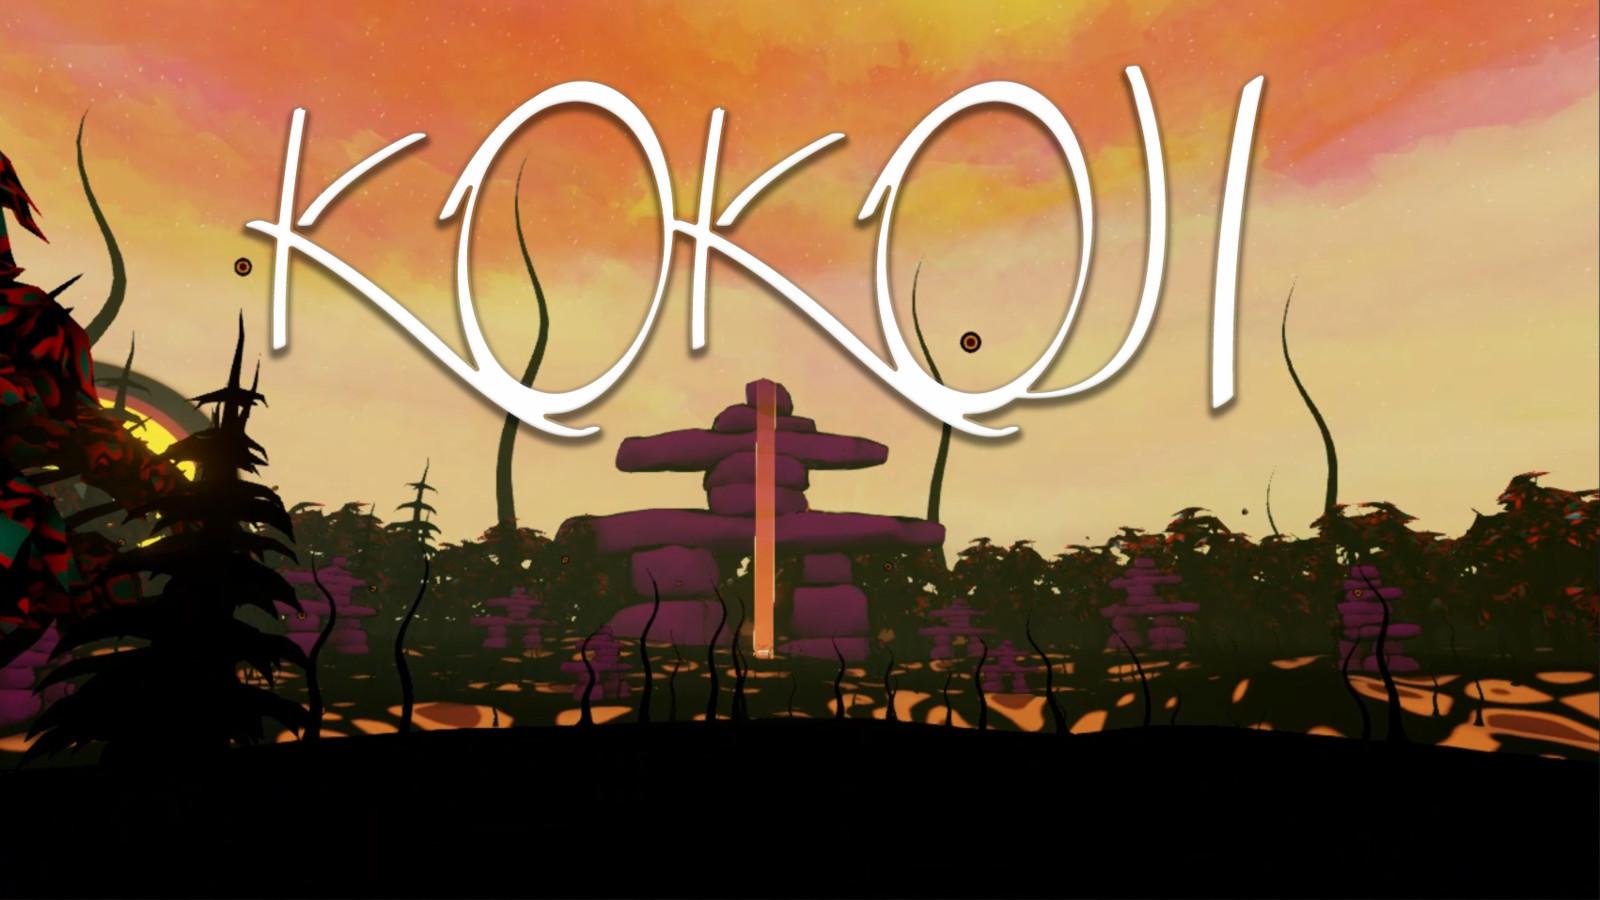 Kokoji Title